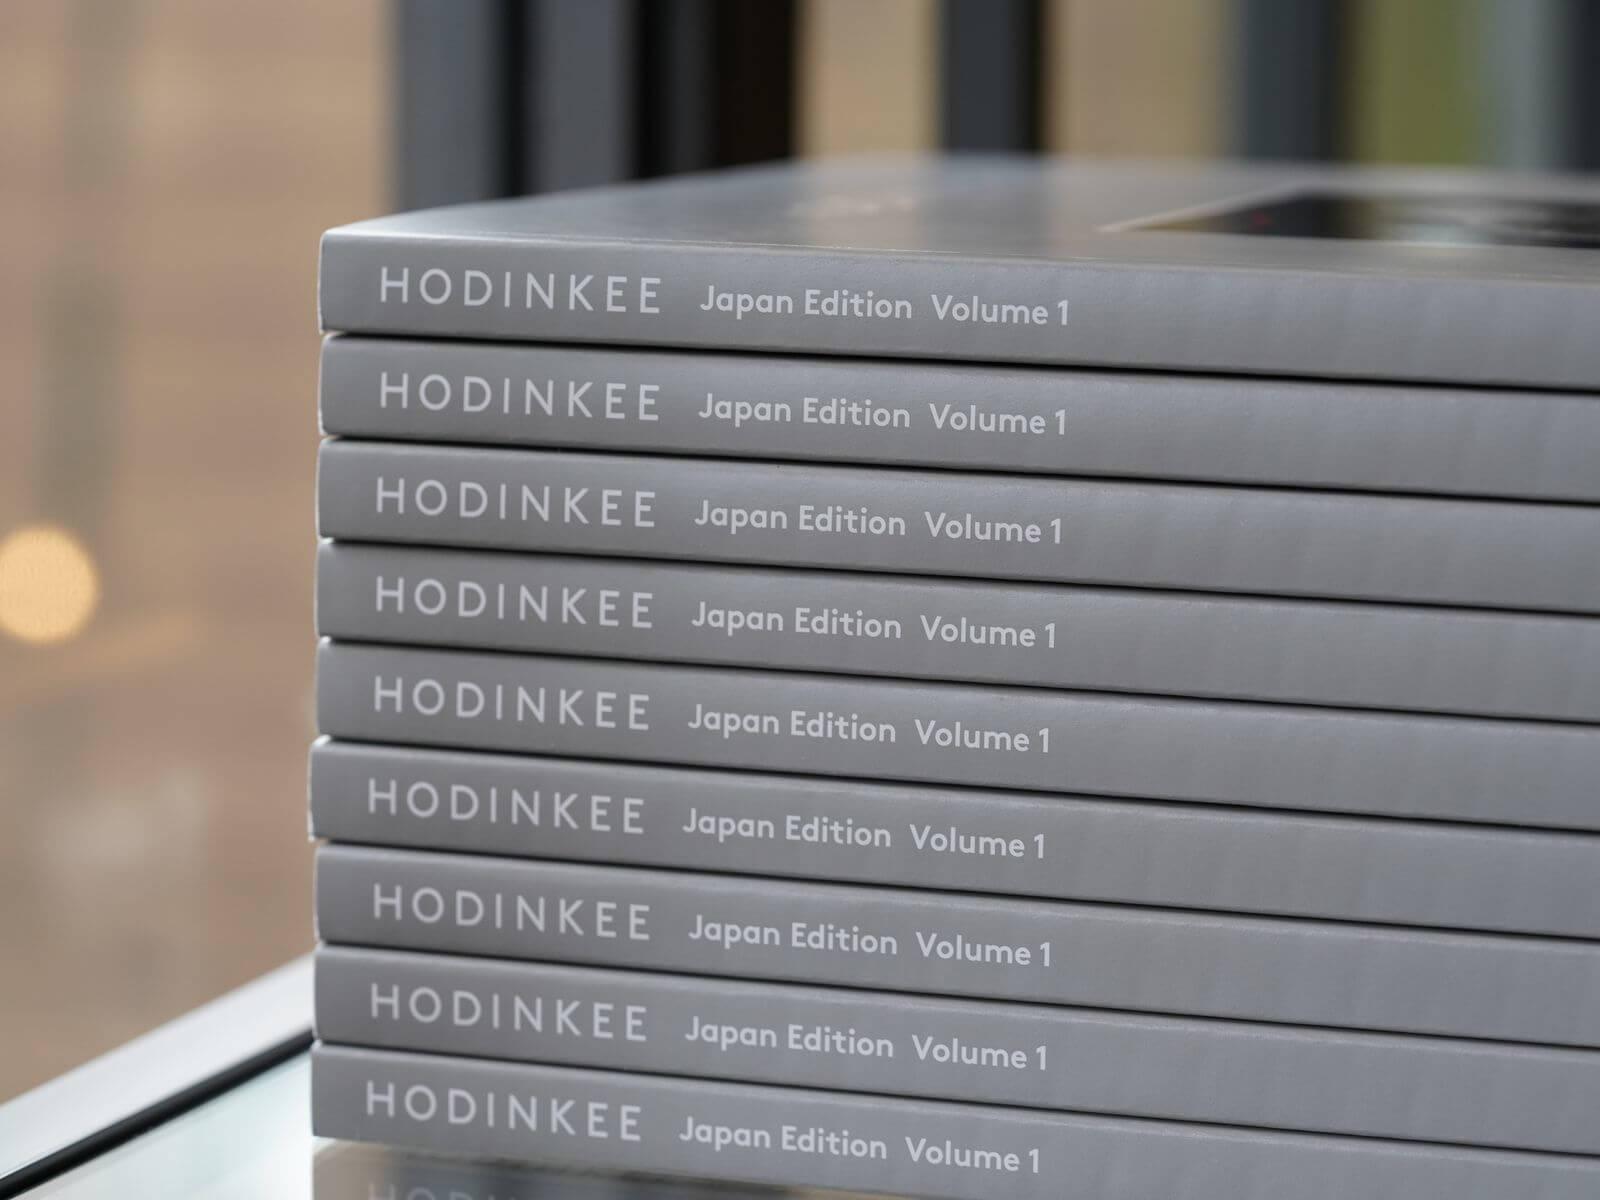 HODINKEE Japan Edition Vol.1 販売開始のお知らせ